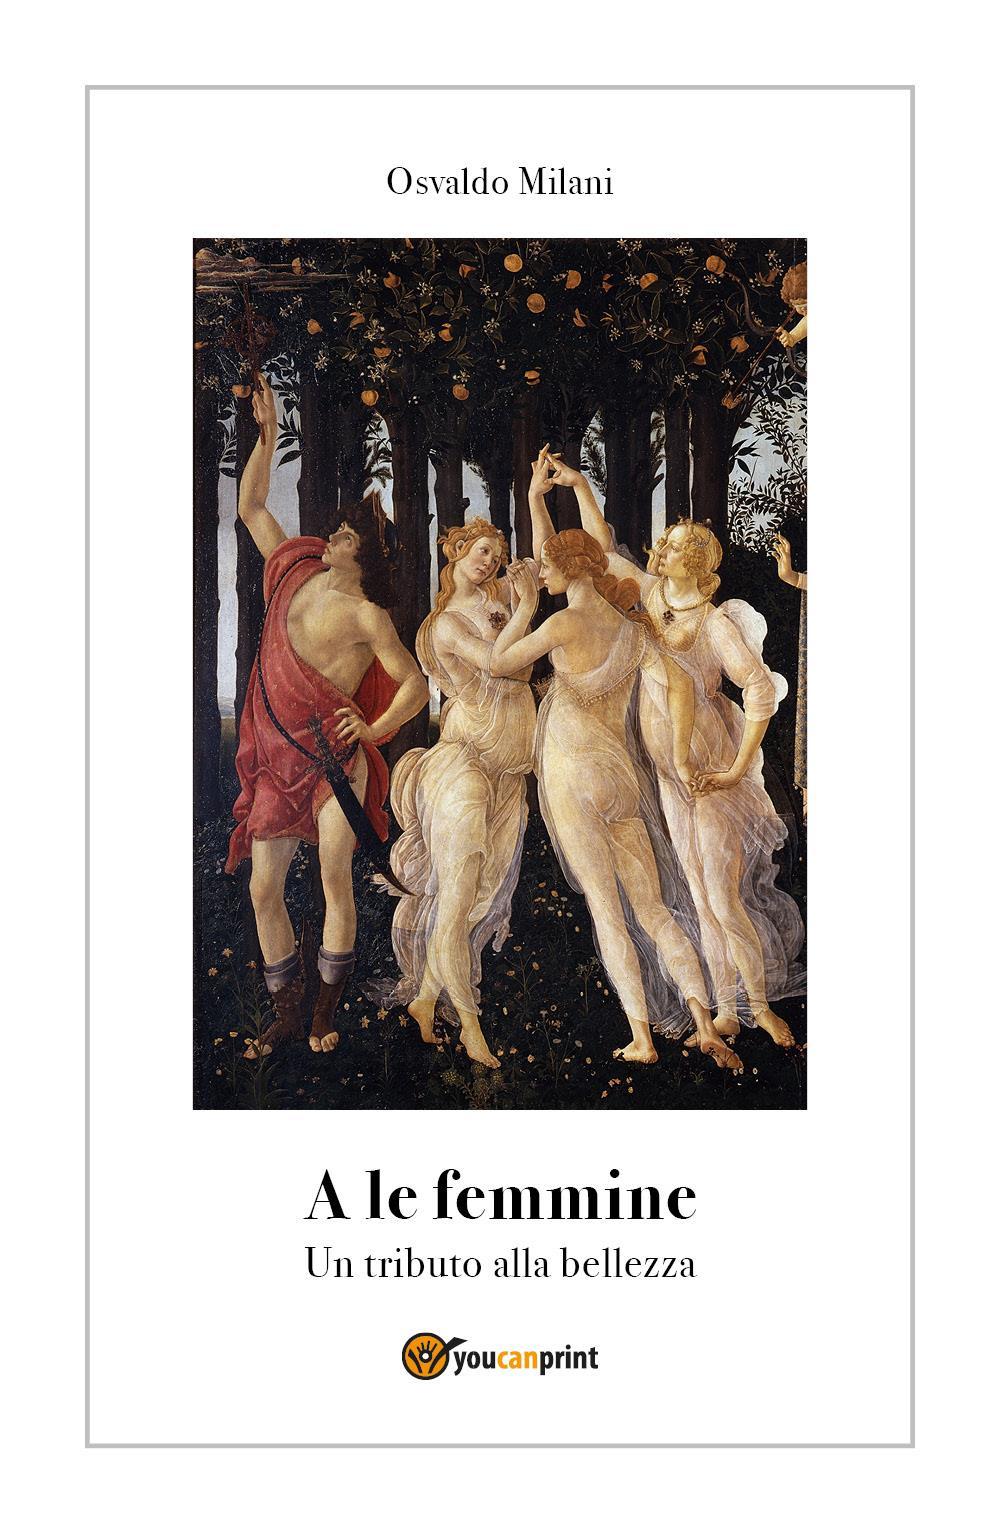 A le femmine - Un tributo alla bellezza